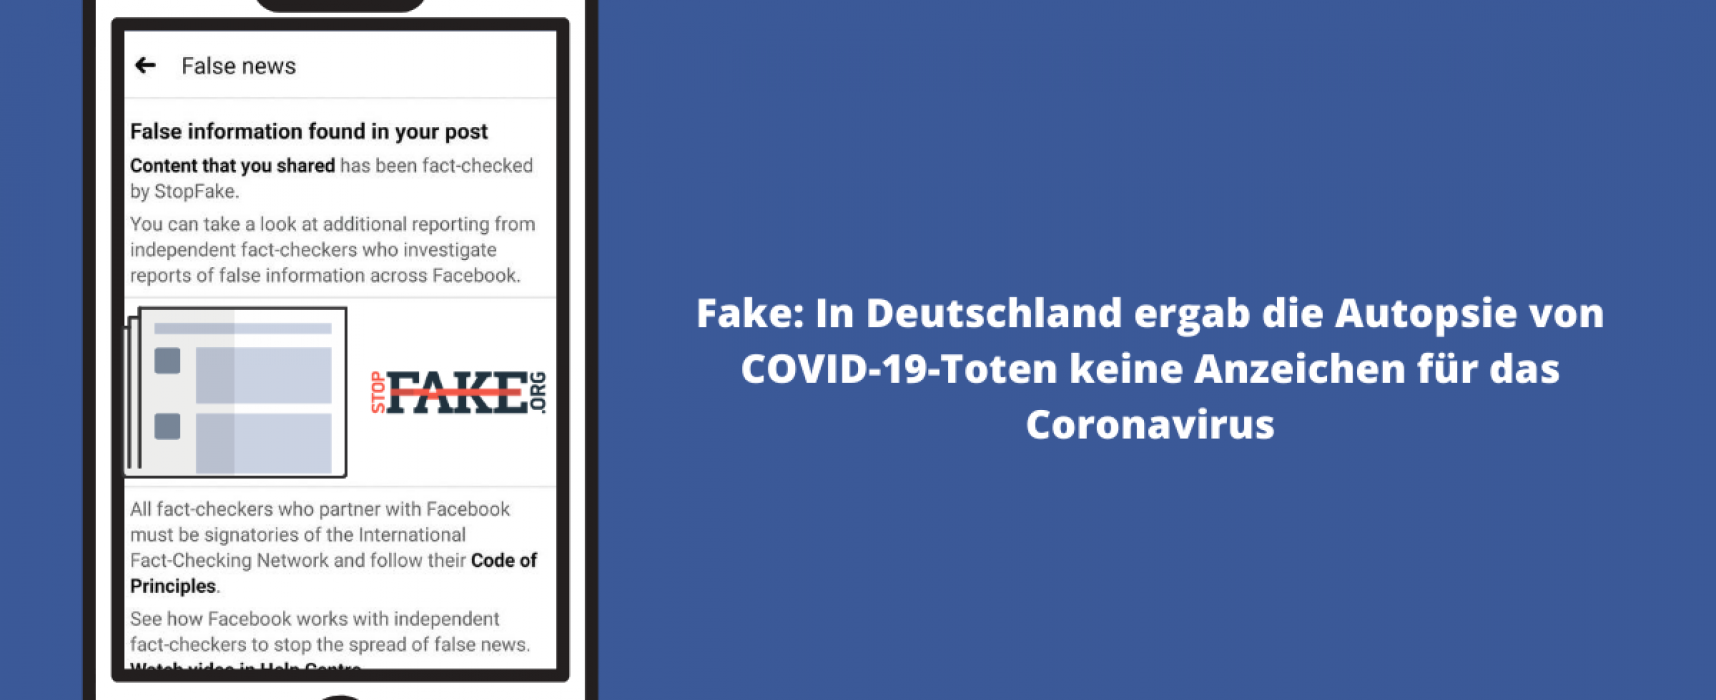 Fake: In Deutschland ergab die Autopsie von COVID-19-Toten keine Anzeichen für das Coronavirus